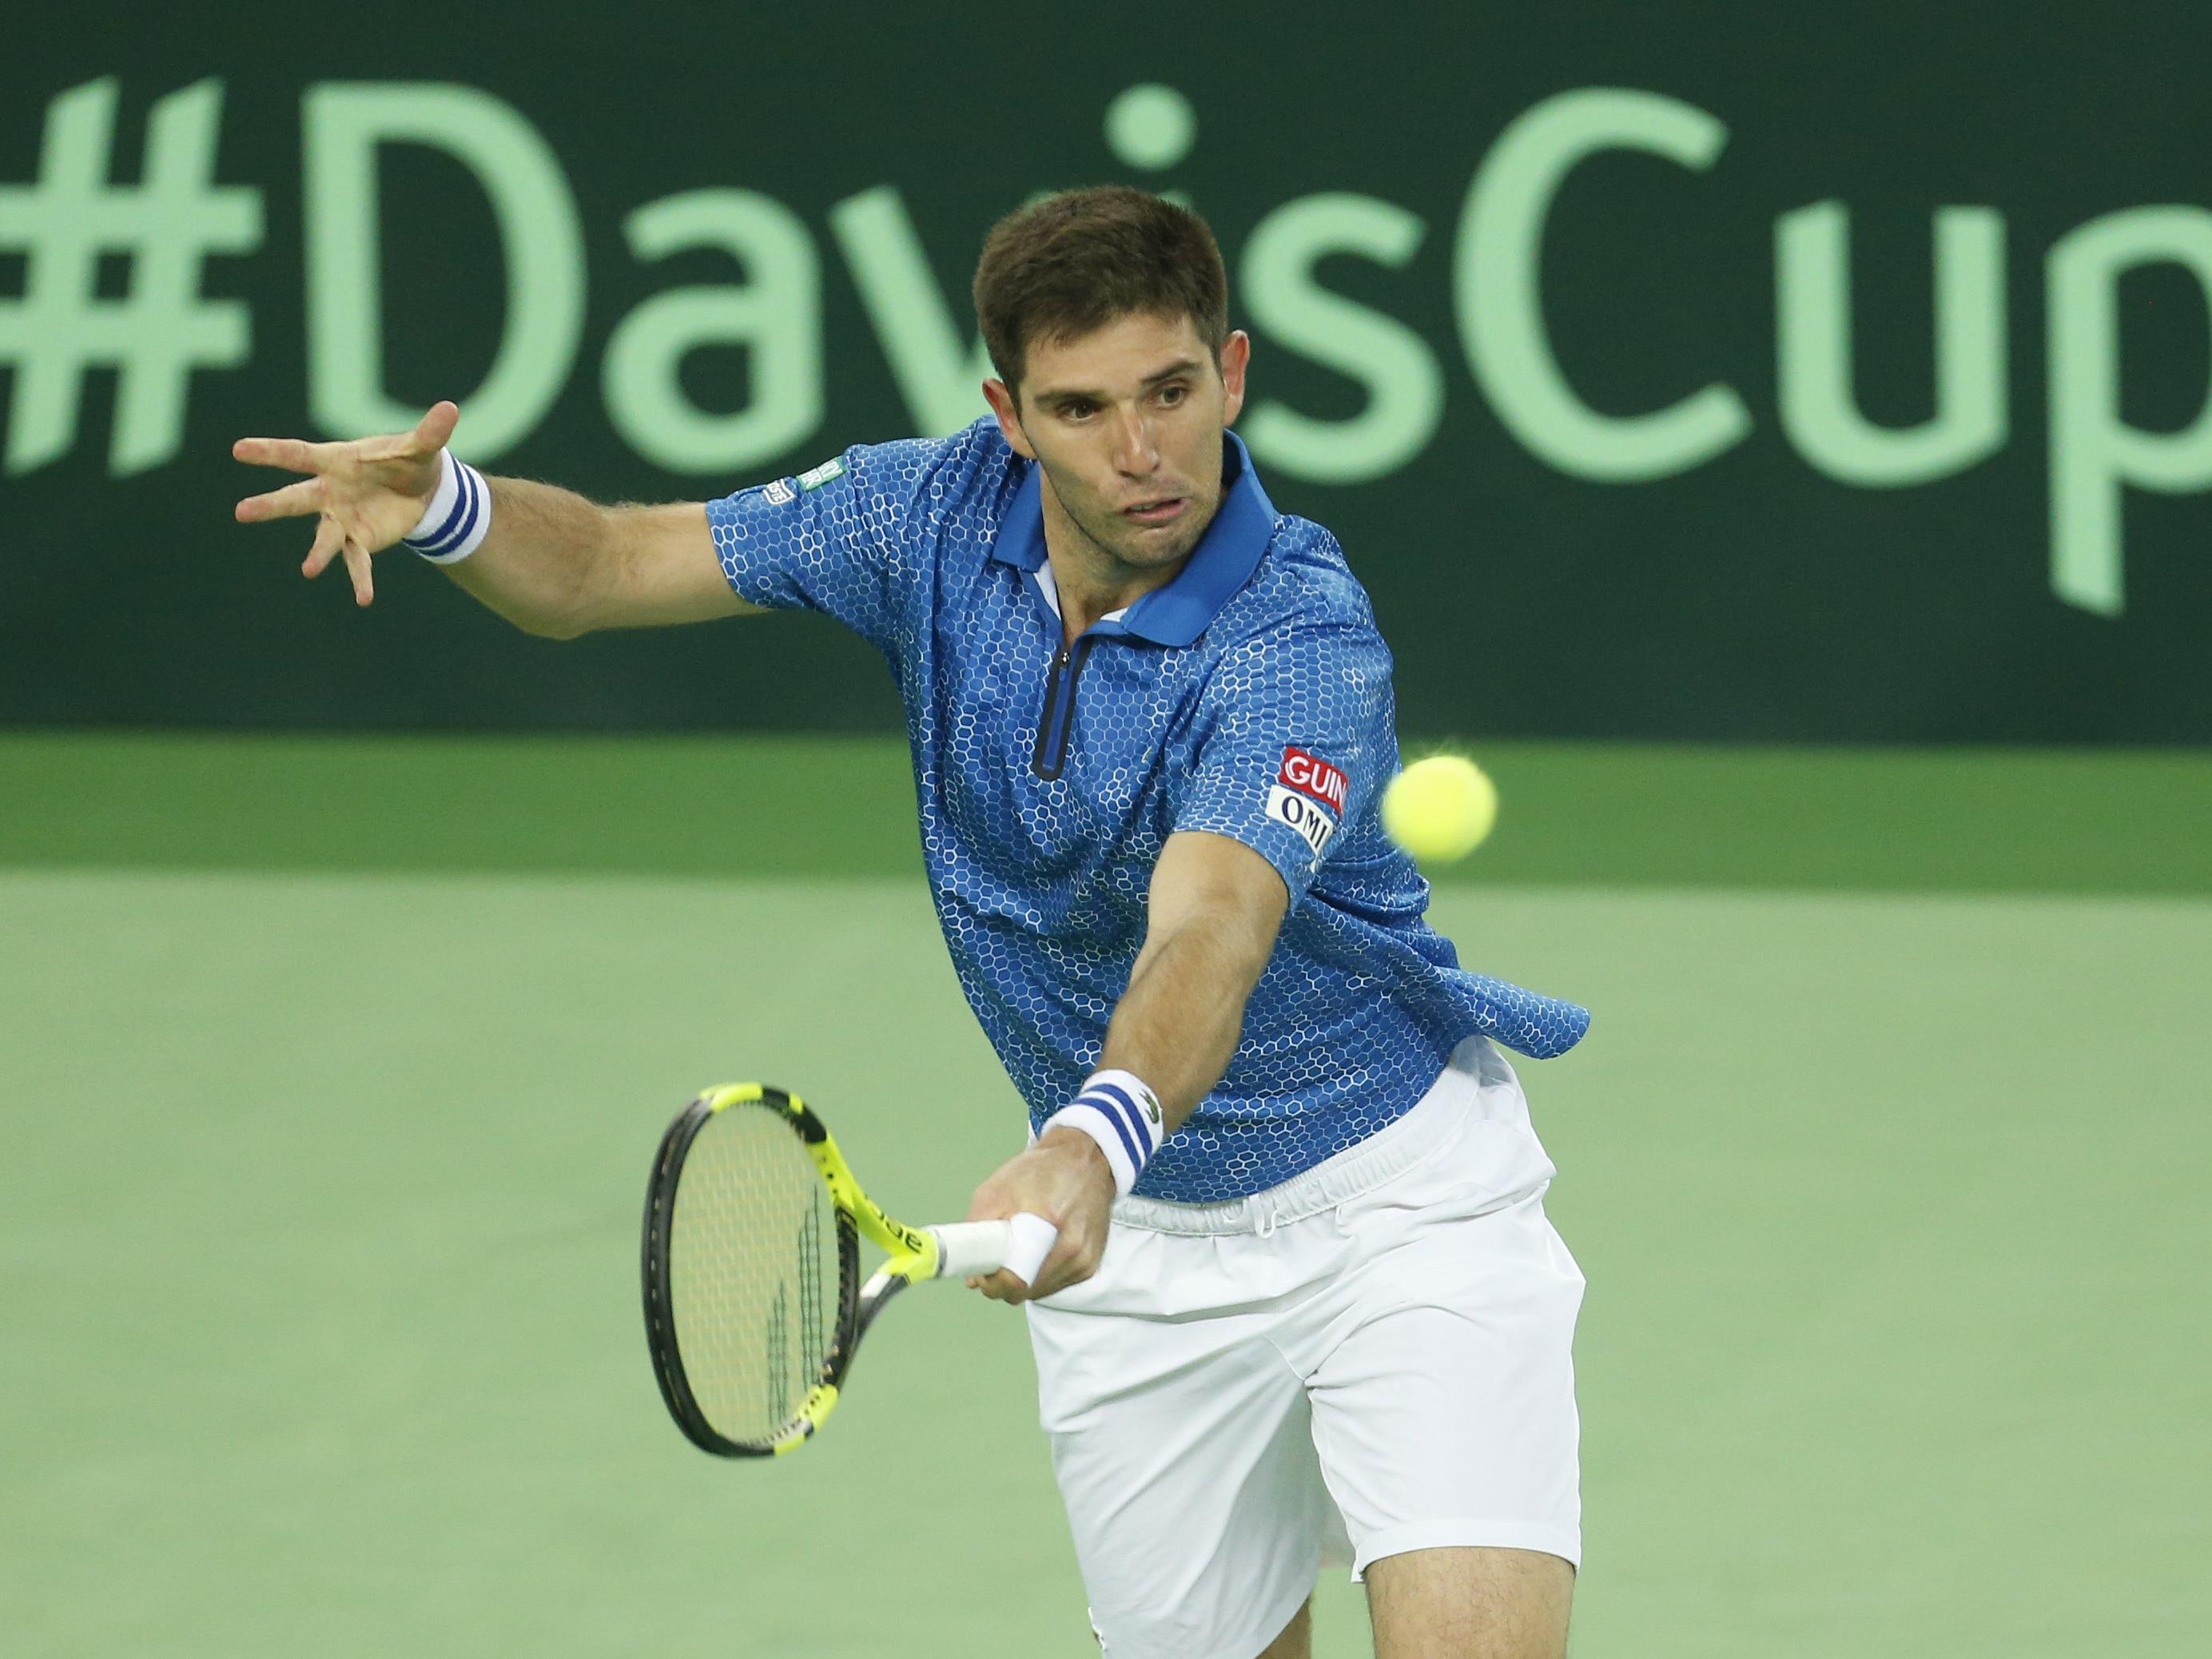 Federico Delbonis gewann mit Argentinien den Davis Cup.